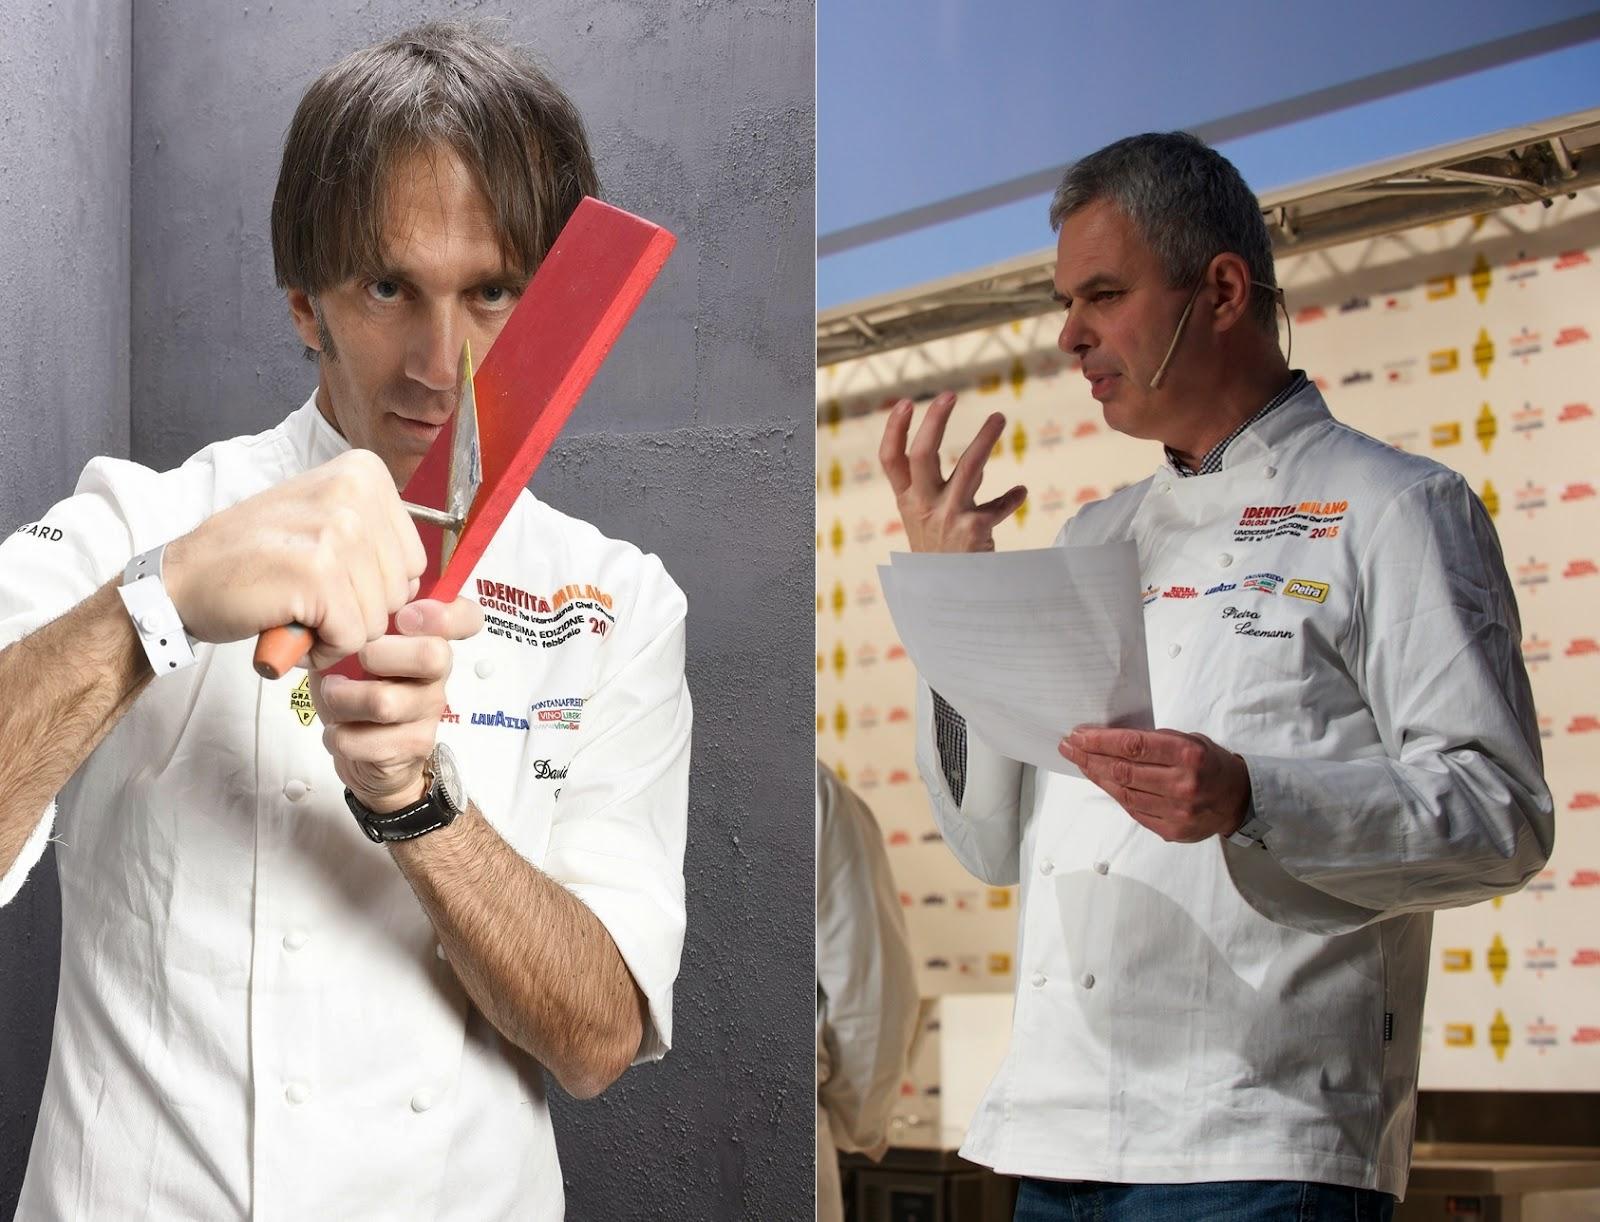 Frittomisto cucina ed emozioni davide oldani e pietro - Pietro leemann corsi di cucina ...